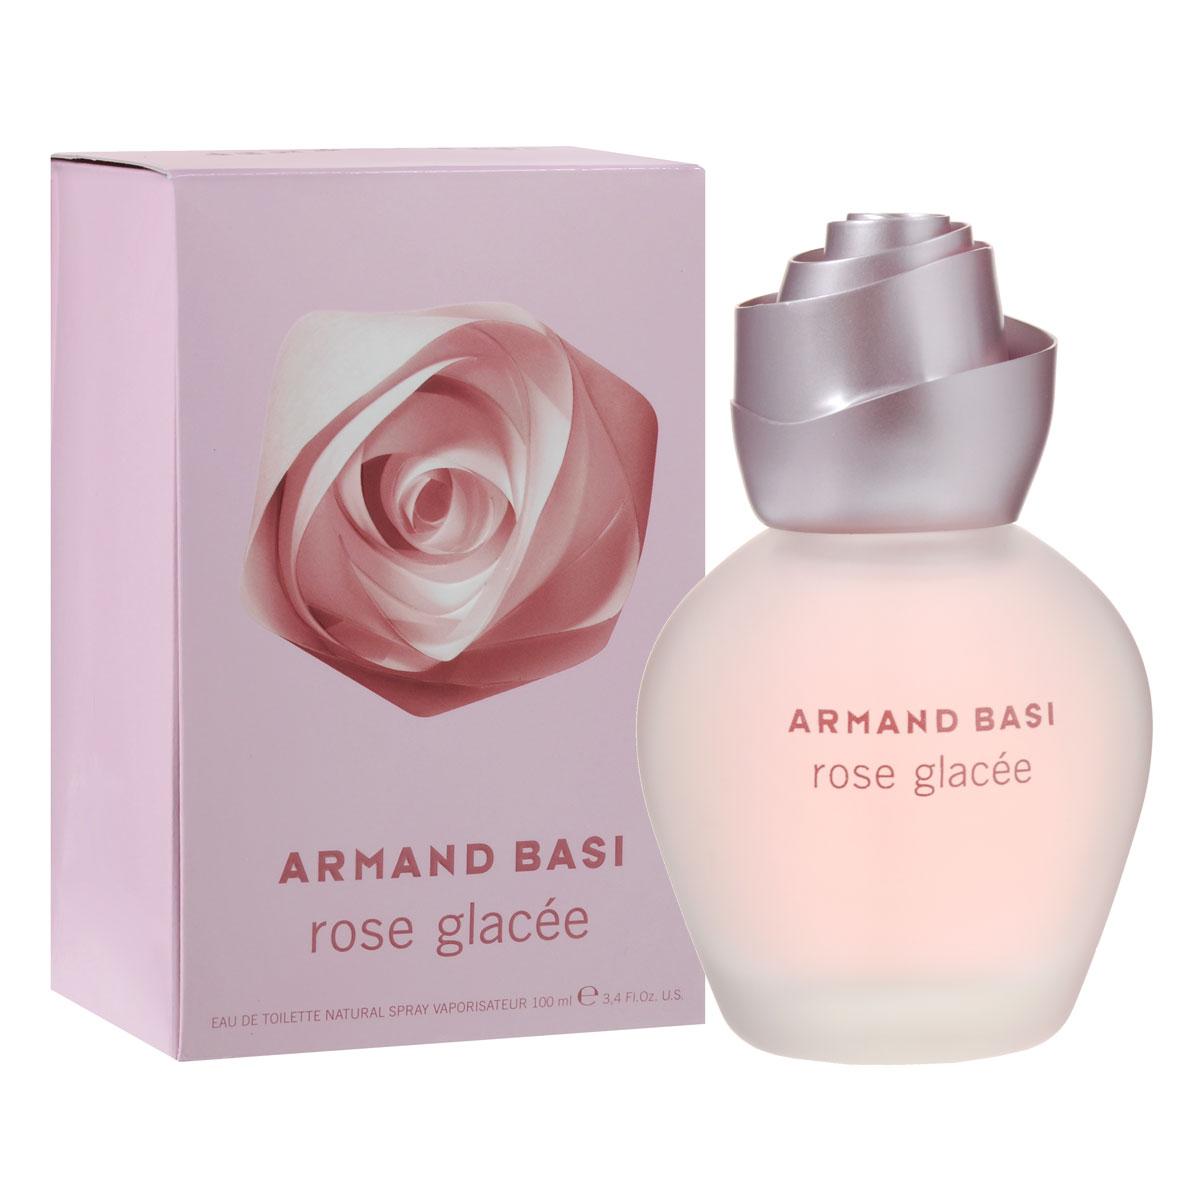 """Armand Basi Туалетная вода Rose Glacee, женская, 100 мл47101Органичная и геометричная, роза является сердцем и вдохновением нового аромата от Armand Basi, который открывает перед нами мир сущности цветка. Его концепция усовершенствована и обновлена выведением на игровое поле главного игрока - геометрии.Роза - это символ совершенства. Универсальный цветок, признанный во всем мире воплощением тайны женщины. Это самый безупречный цветок. Ее красота радует глаз; ее аромат роскошный, превосходный, пьянящий, нежно-бархатный и хрупкий. И в то же время он обманывает, бунтует и отклоняется от всех мыслимых стандартов: шипы ранят руку каждого, кто осмелится срезать розу. Glacee - французское слово, которое обозначает """"замороженный"""". Роза, закованная в ледяные цепи. Хранимая холодом, продлевающим жизнь ее красоты, она стоит непокорно и гордо. Обольстительная и прекрасная.Rose Glacee, имя нового аромата, воплощающего напряжение во внешнем проявлении. Теплая и холодная, спокойная и агрессивная, дружелюбная, но предающая, прекрасная, но эфемерная. Она совершенна в своей хрупкости, как и в своей обманности. Восхищаться ей - это испытывать обоснованную страсть к ее совершенству.Armand Basi Rose Glacee - это туманное очертание розы на закате. Свежесть, смешанная с нетерпением. Совершенство, замороженное во времени. Холод, что стимулирует и пробуждает. Форма спирали, что выбрасывается вперед. Завуалированный предмет удовольствия, словно обещание на будущее. Жажда жизни. Интенсивность молодости. Тайна, что постепенно раскрывается. Неудержимая и первобытная радость бытия. Классификация аромата: цветочный. Пирамида аромата: Верхние ноты: зеленое яблоко, грейпфрут, лимон. Ноты сердца: роза Пьяже, корица, абрикосовый нектар. Ноты шлейфа: светлое дерево, амбра, мускус. Ключевые слова Свежий, морозный, таинственный!Туалетная вода - один из самых популярных видов парфюмерной продукции. Туалетная вода содержит 4-10%парфюмерного экстракта. Главные достоинства данного типа продукции заключаются"""